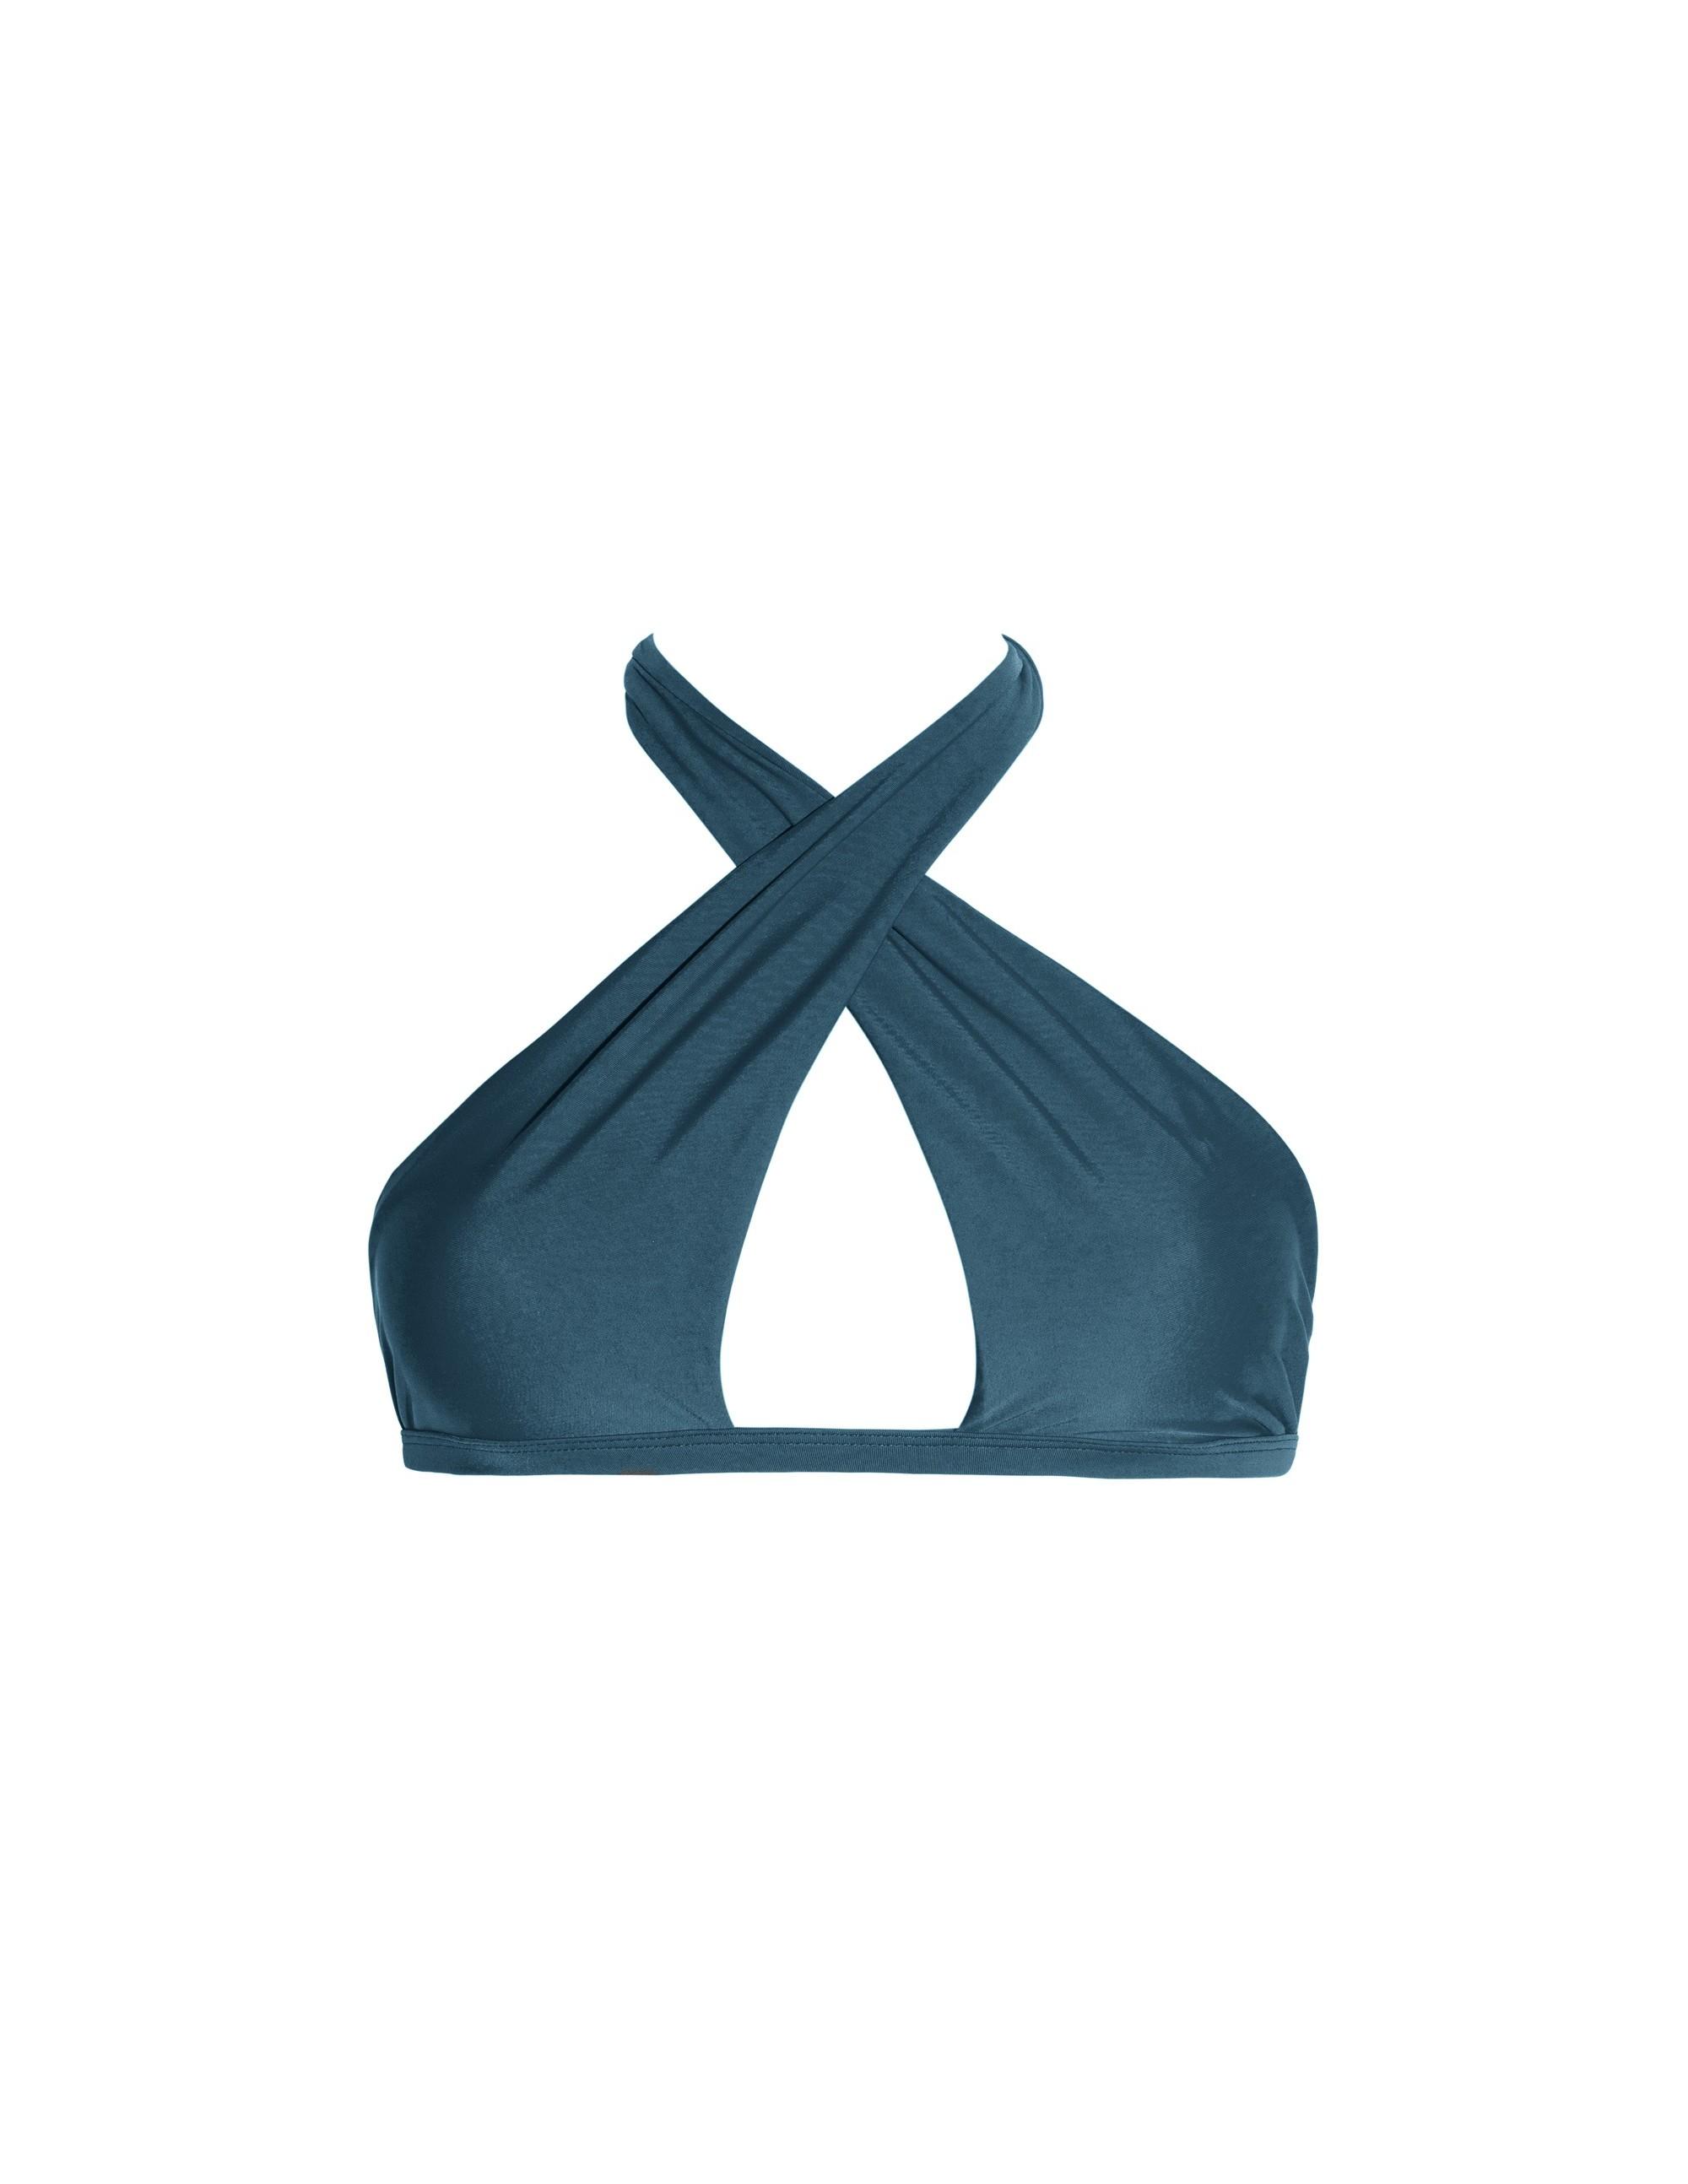 CONTA bikini top - DEEP GREEN